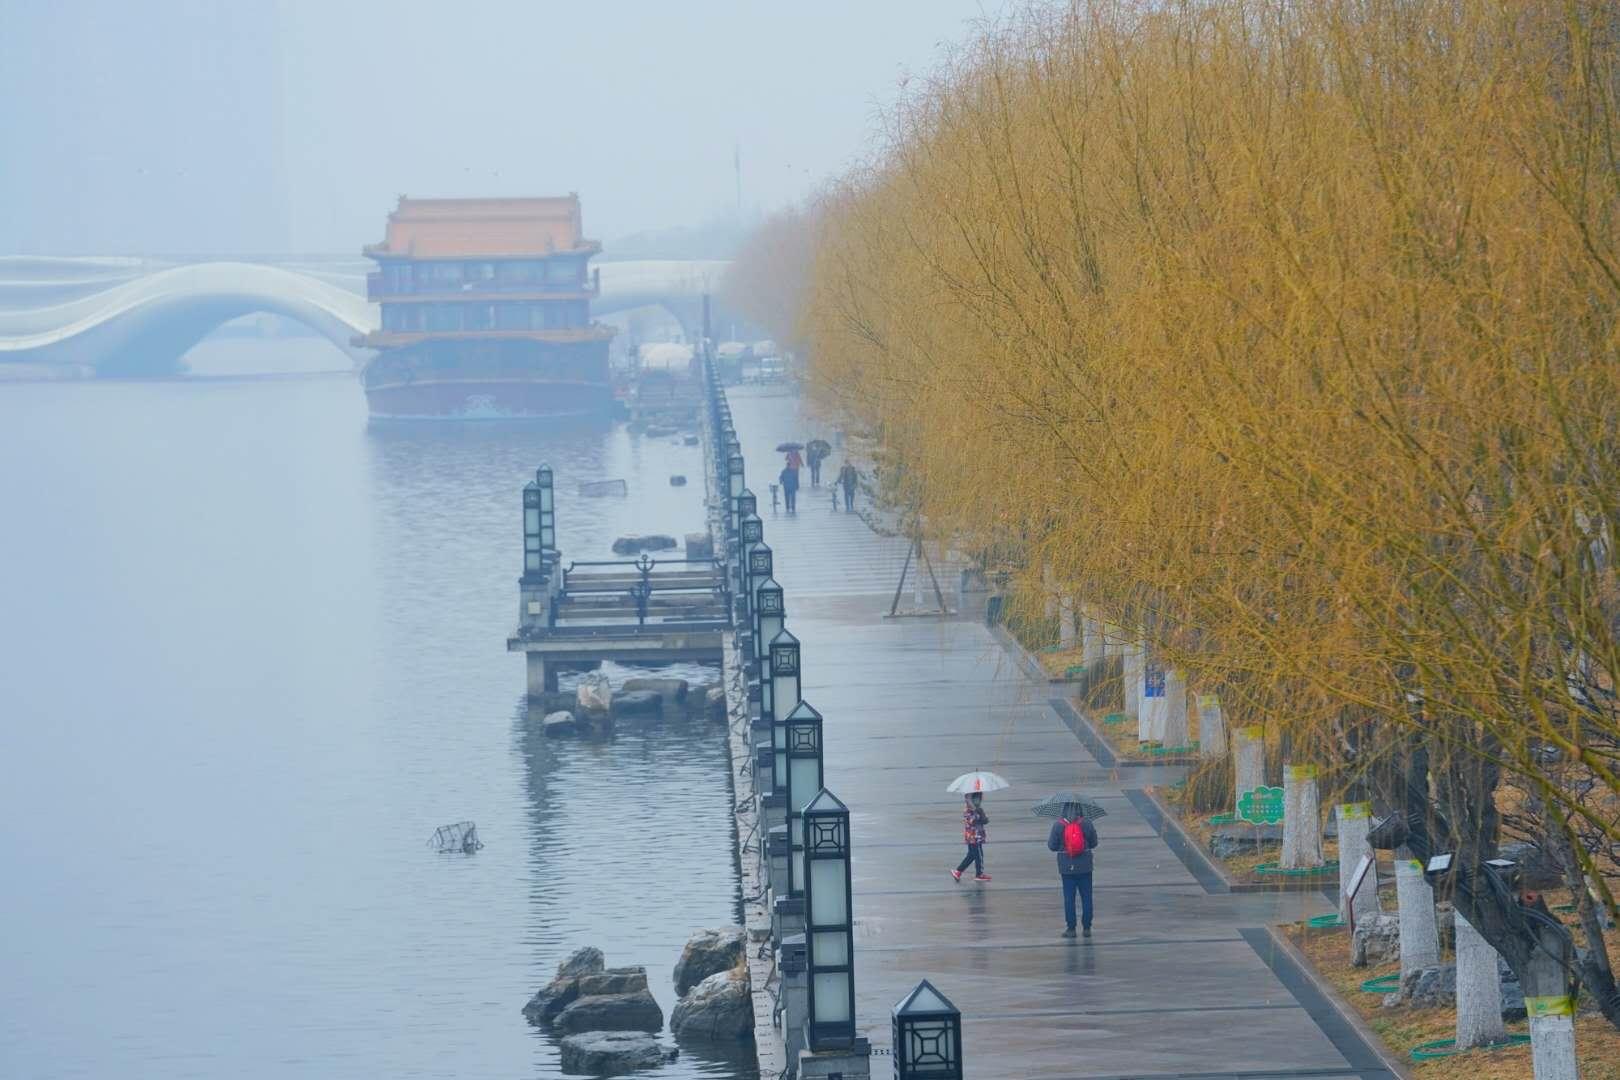 京城大运河堤:小雨如酥,恰似江南烟雨中